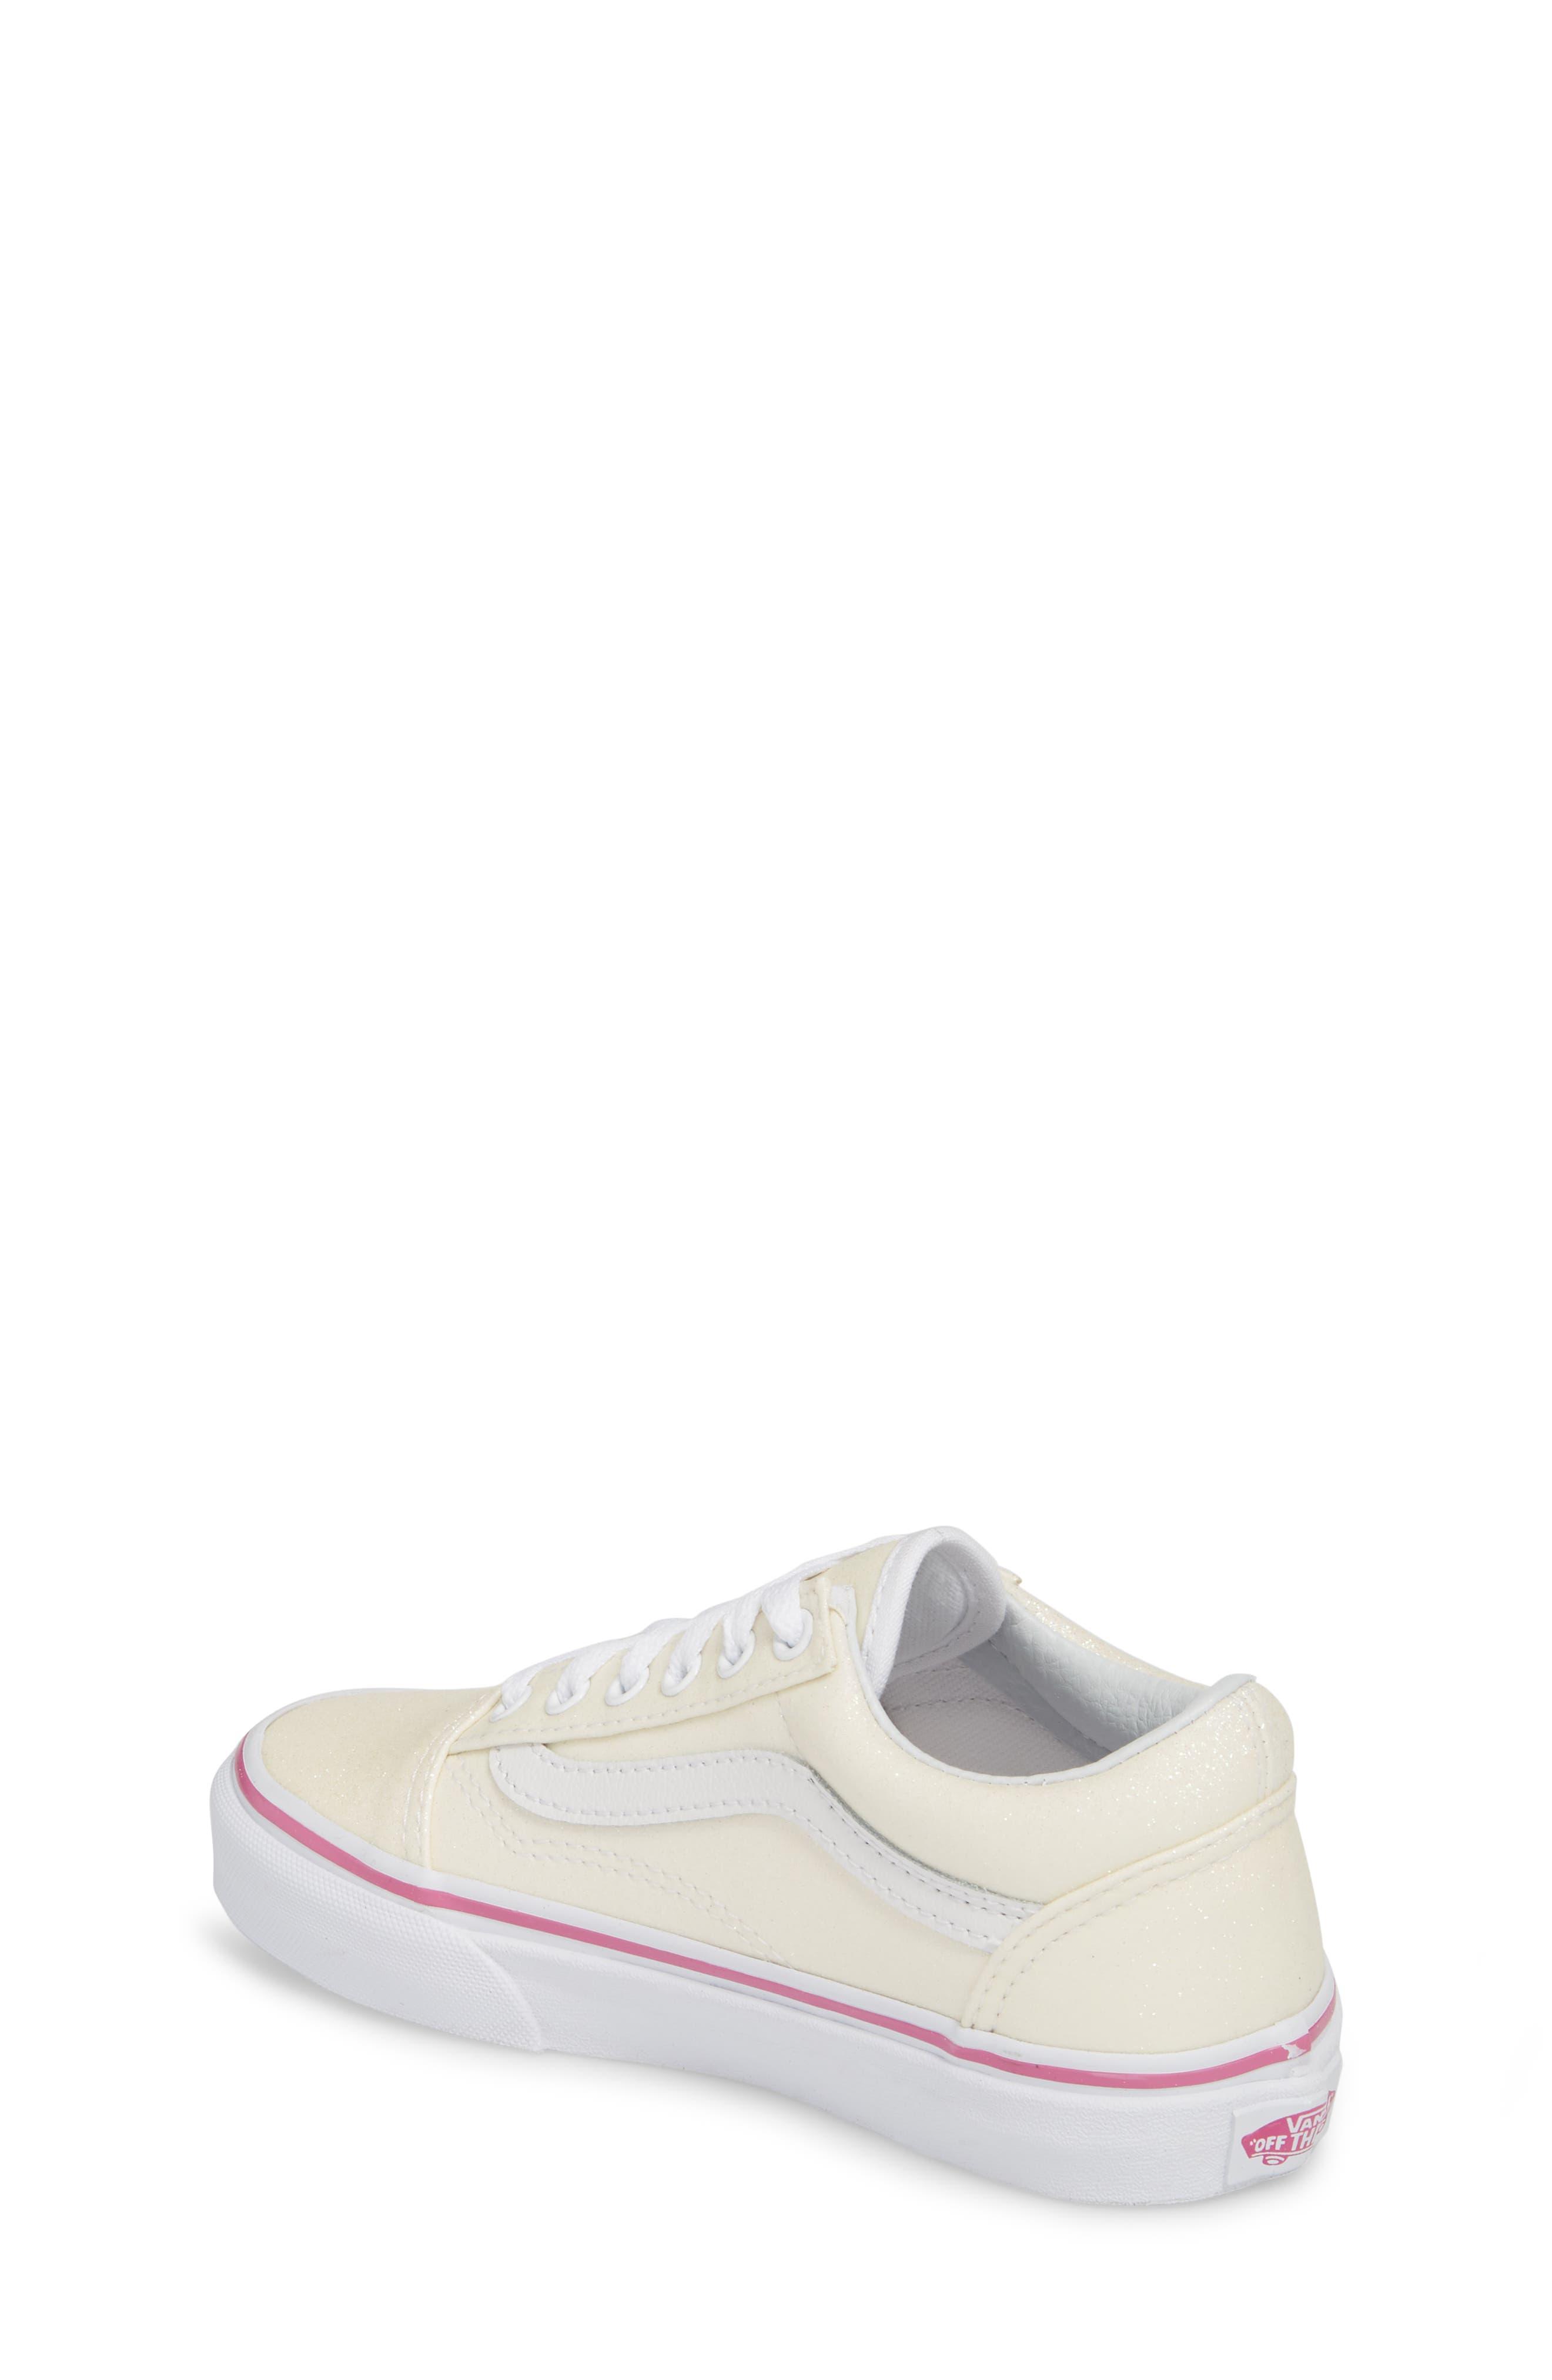 Old Skool Sneaker,                             Alternate thumbnail 2, color,                             Rainbow White Glitter